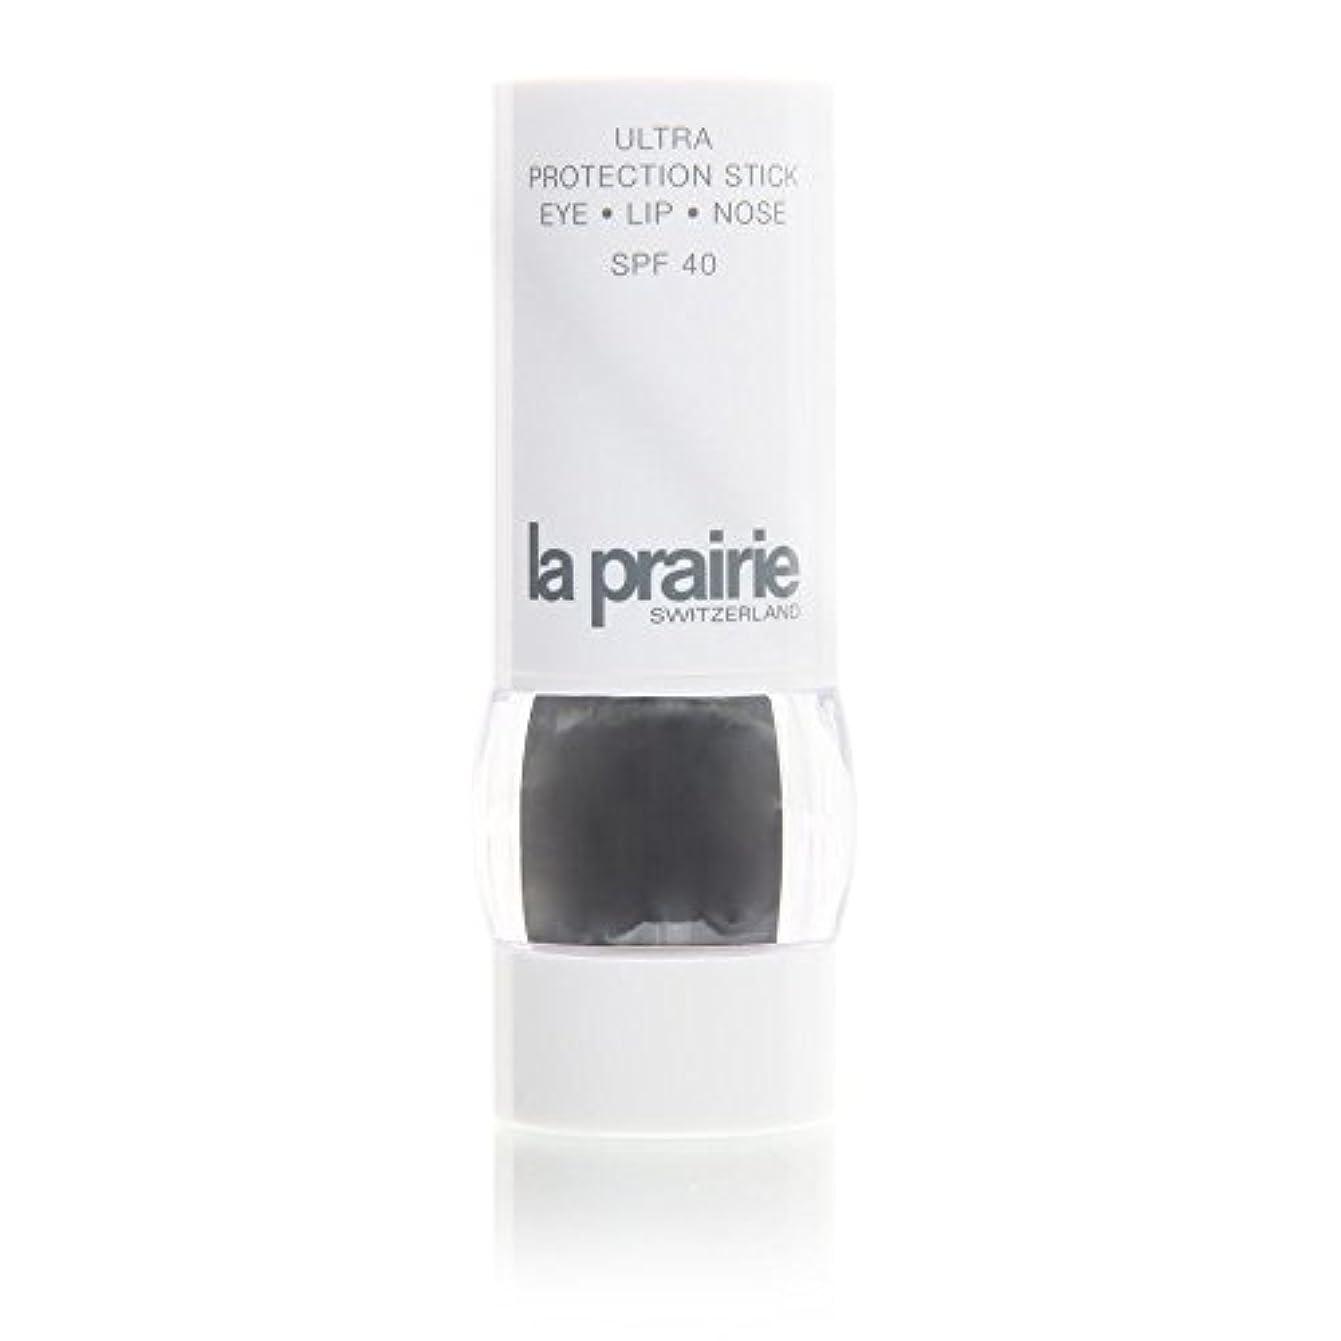 罰プラスチック動力学La prairie - ウルトラサンプロテクションSPF40は10グラムスティック - 【並行輸入品】